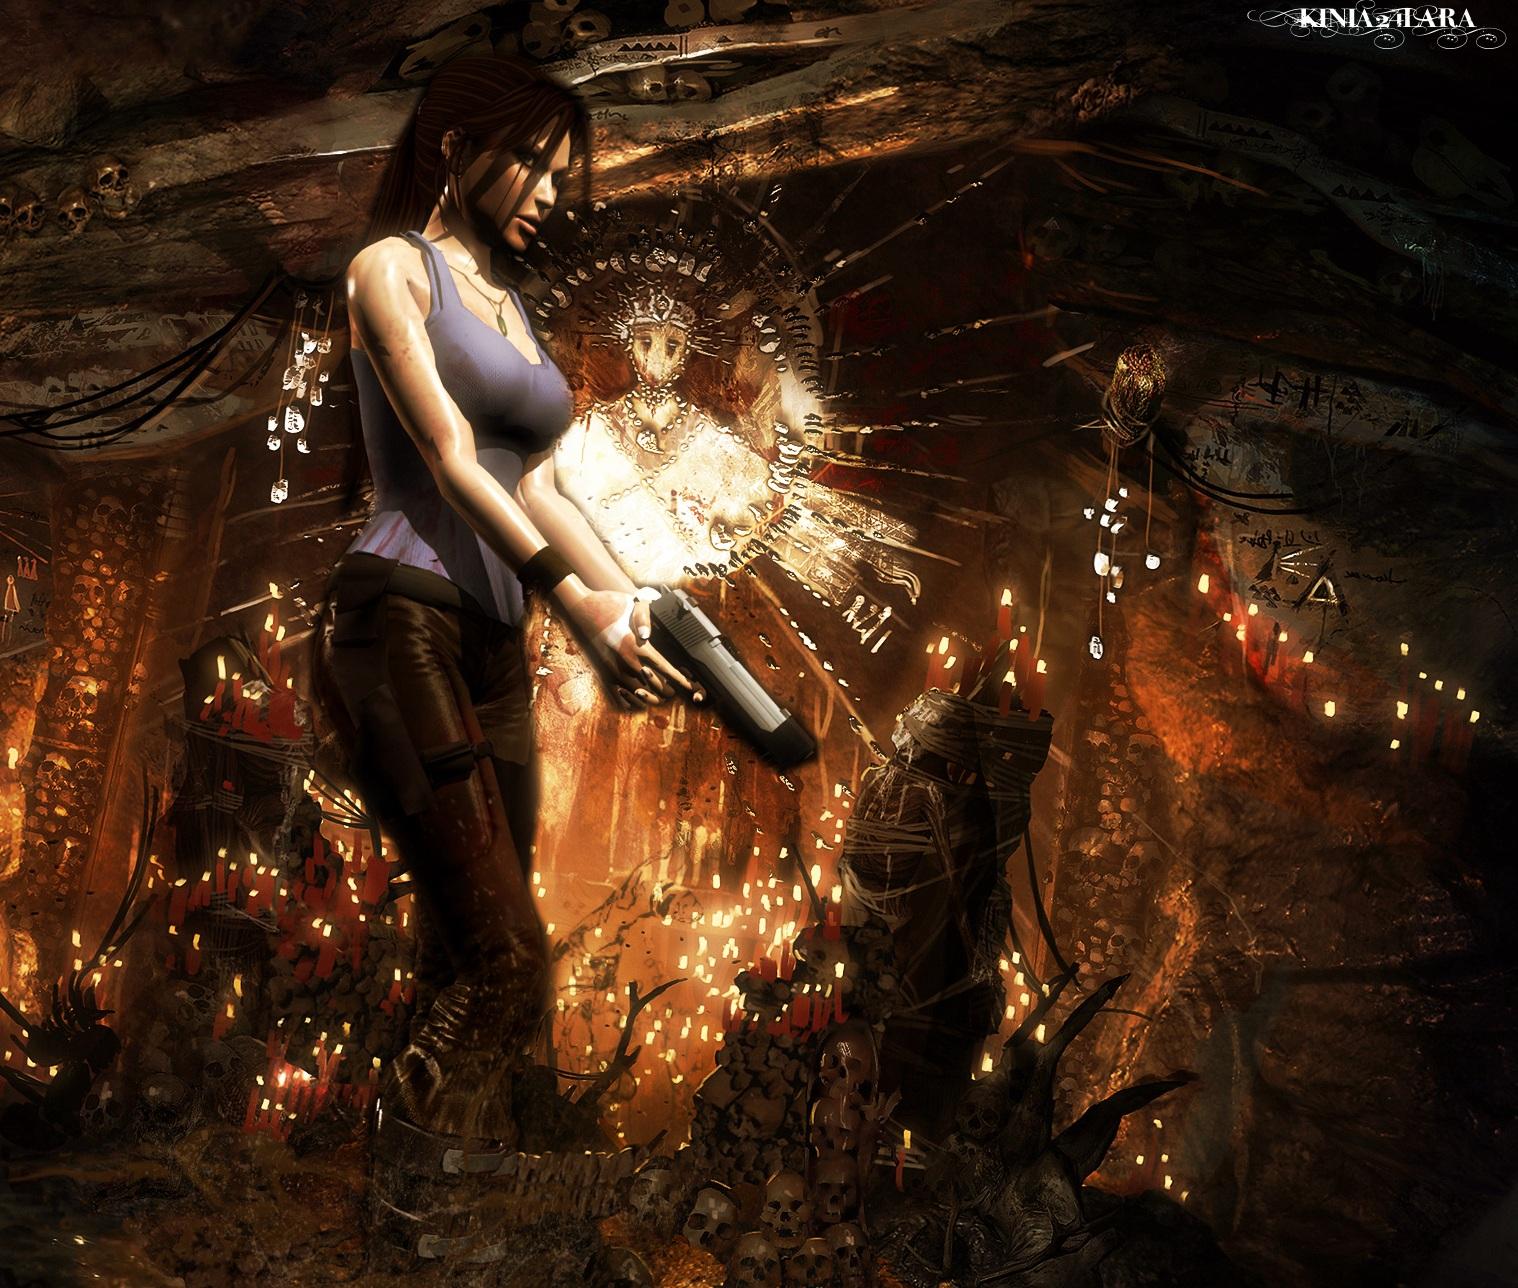 Tomb Rider Wallpaper: Tomb Raider 9 Render... By Kinia24Lara On DeviantArt